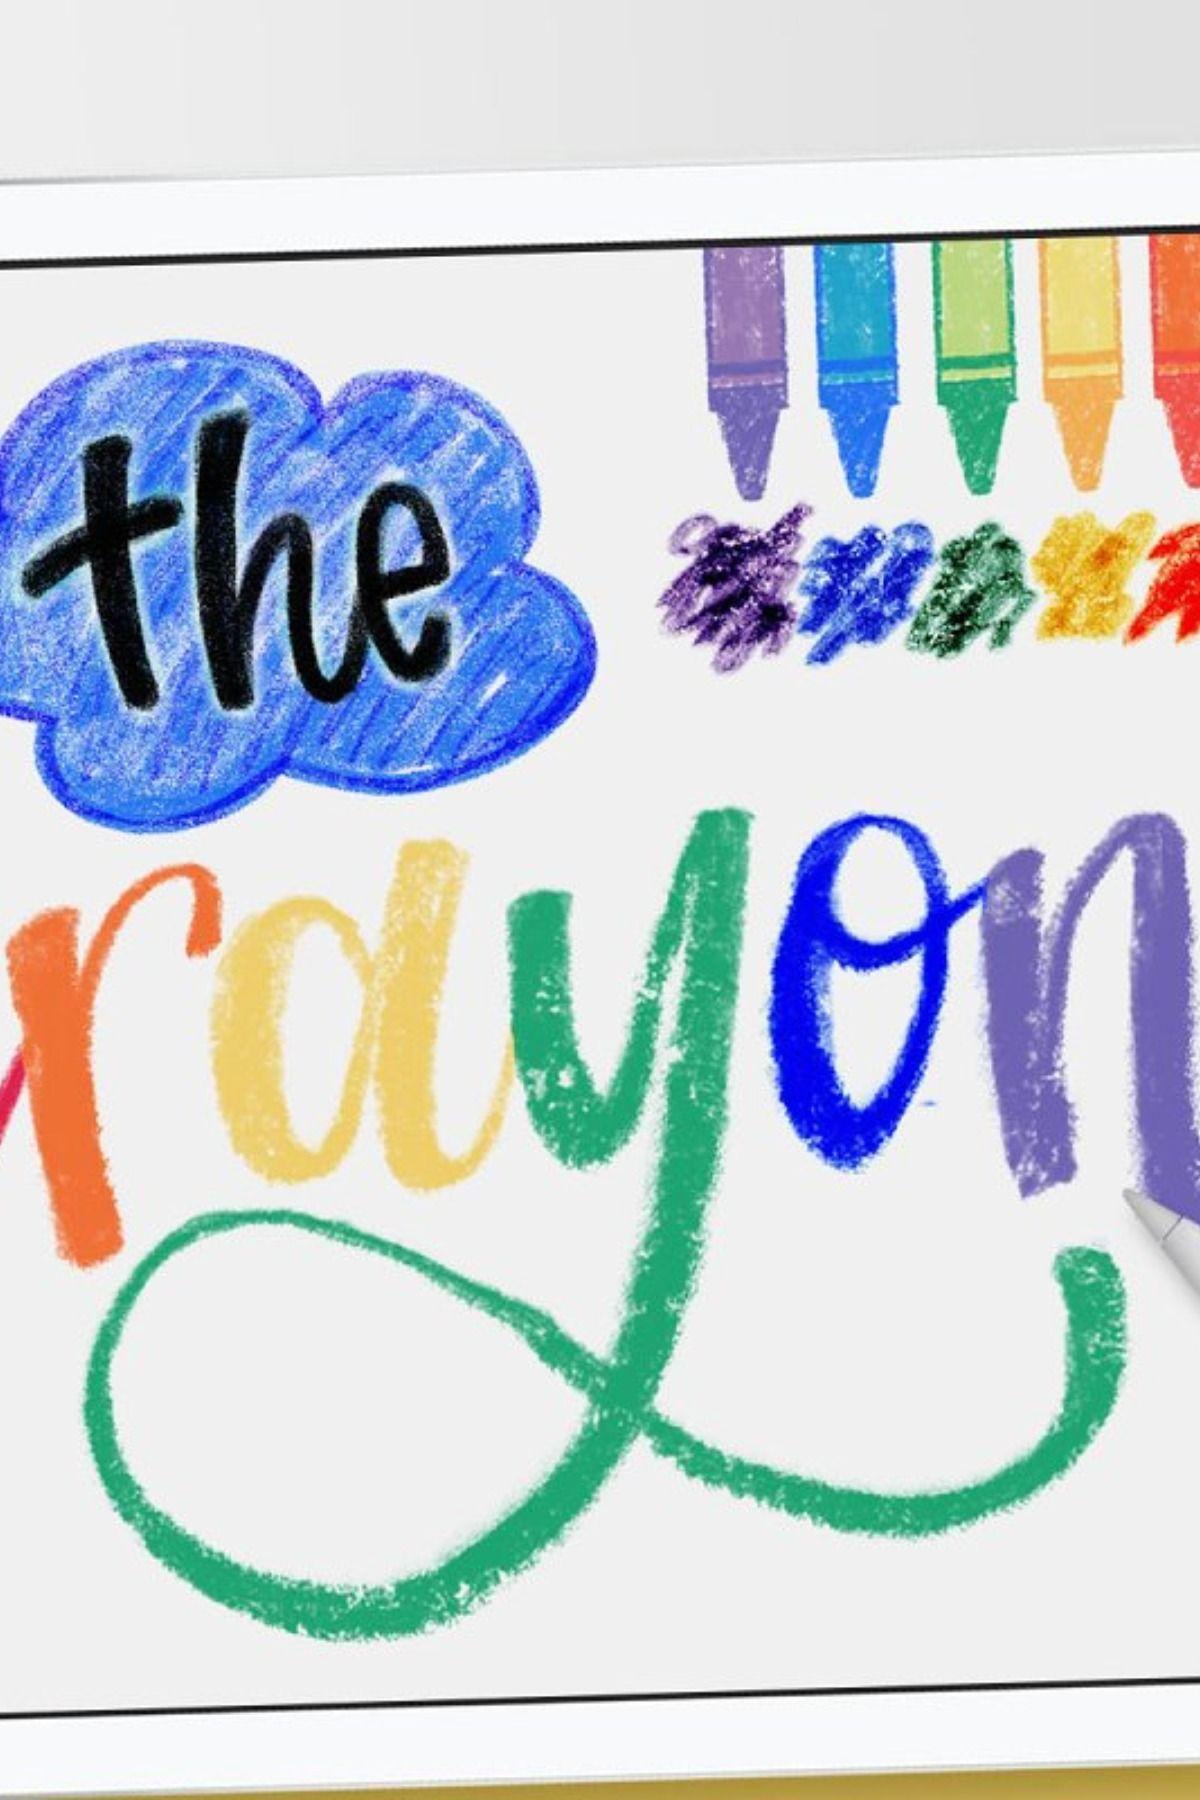 Crayon Procreate Brushes Procreate Brushes Procreate Brushes